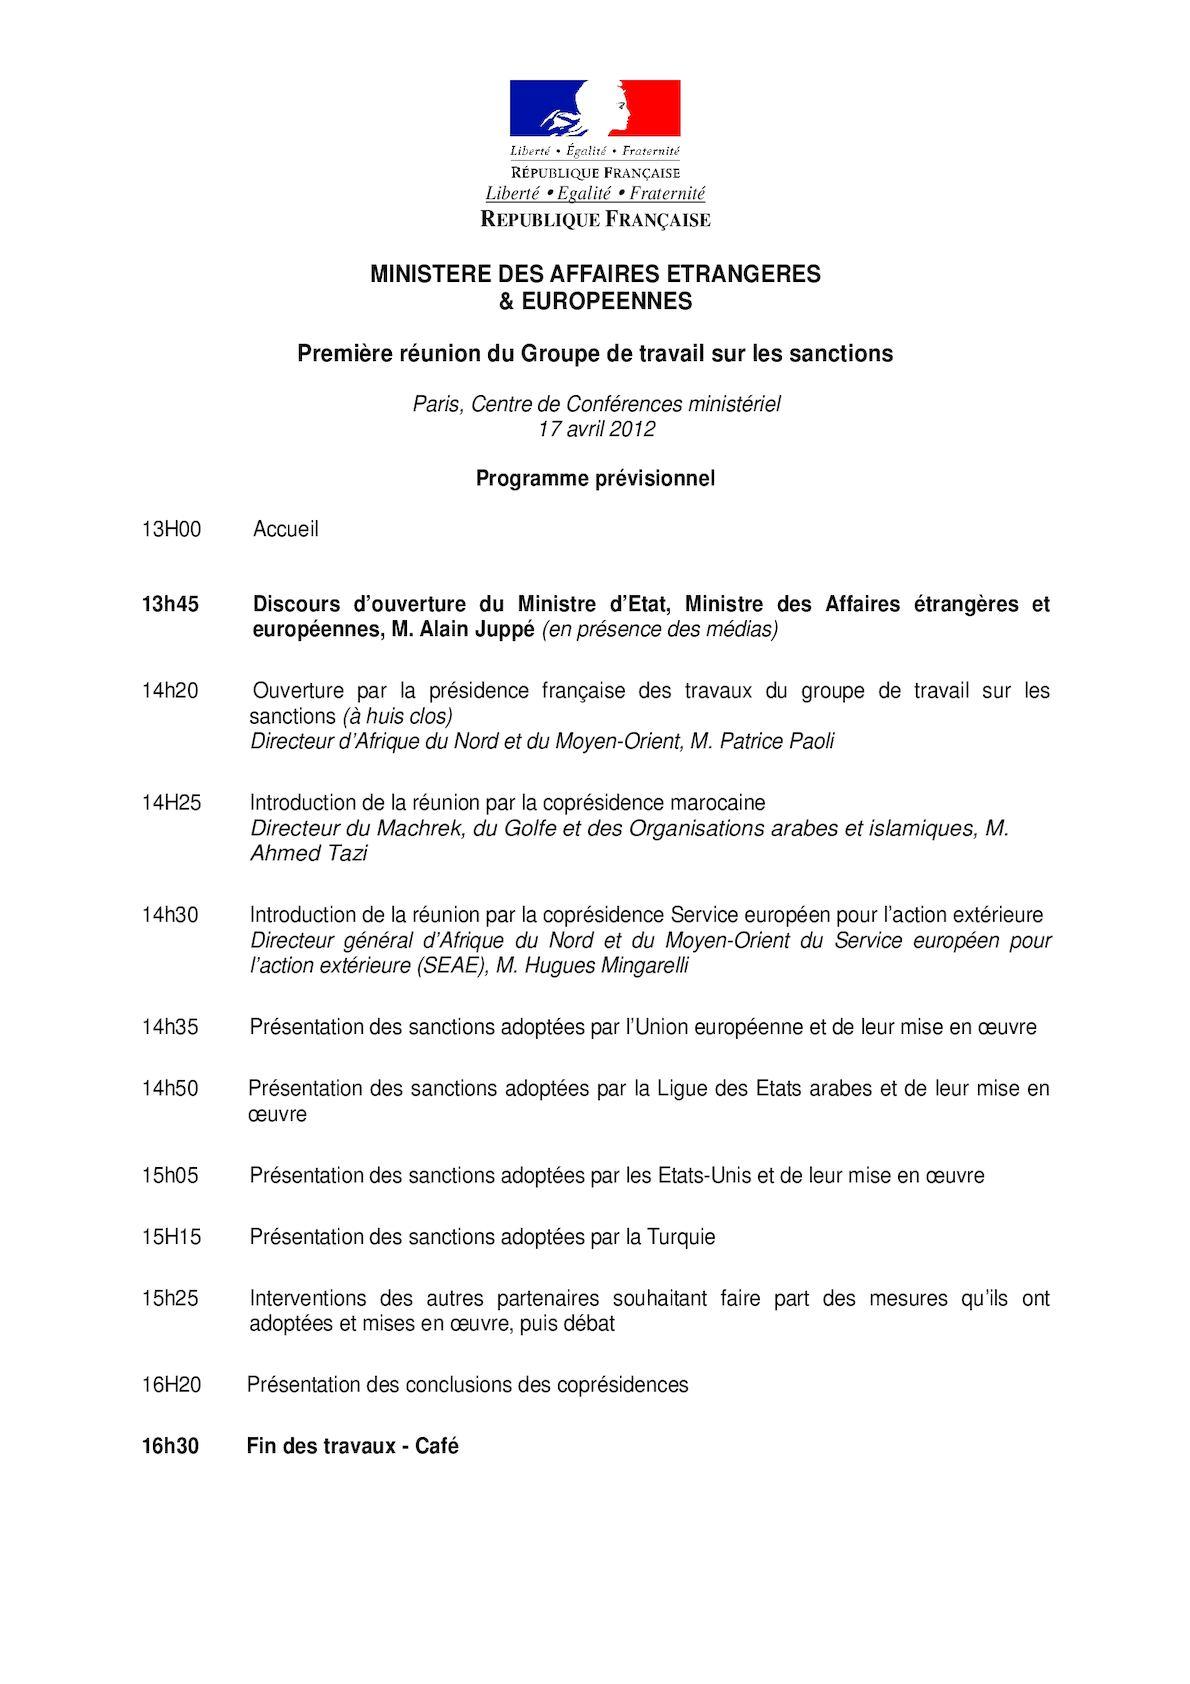 Programme Prévisionnel Groupe De Travail Sanctions